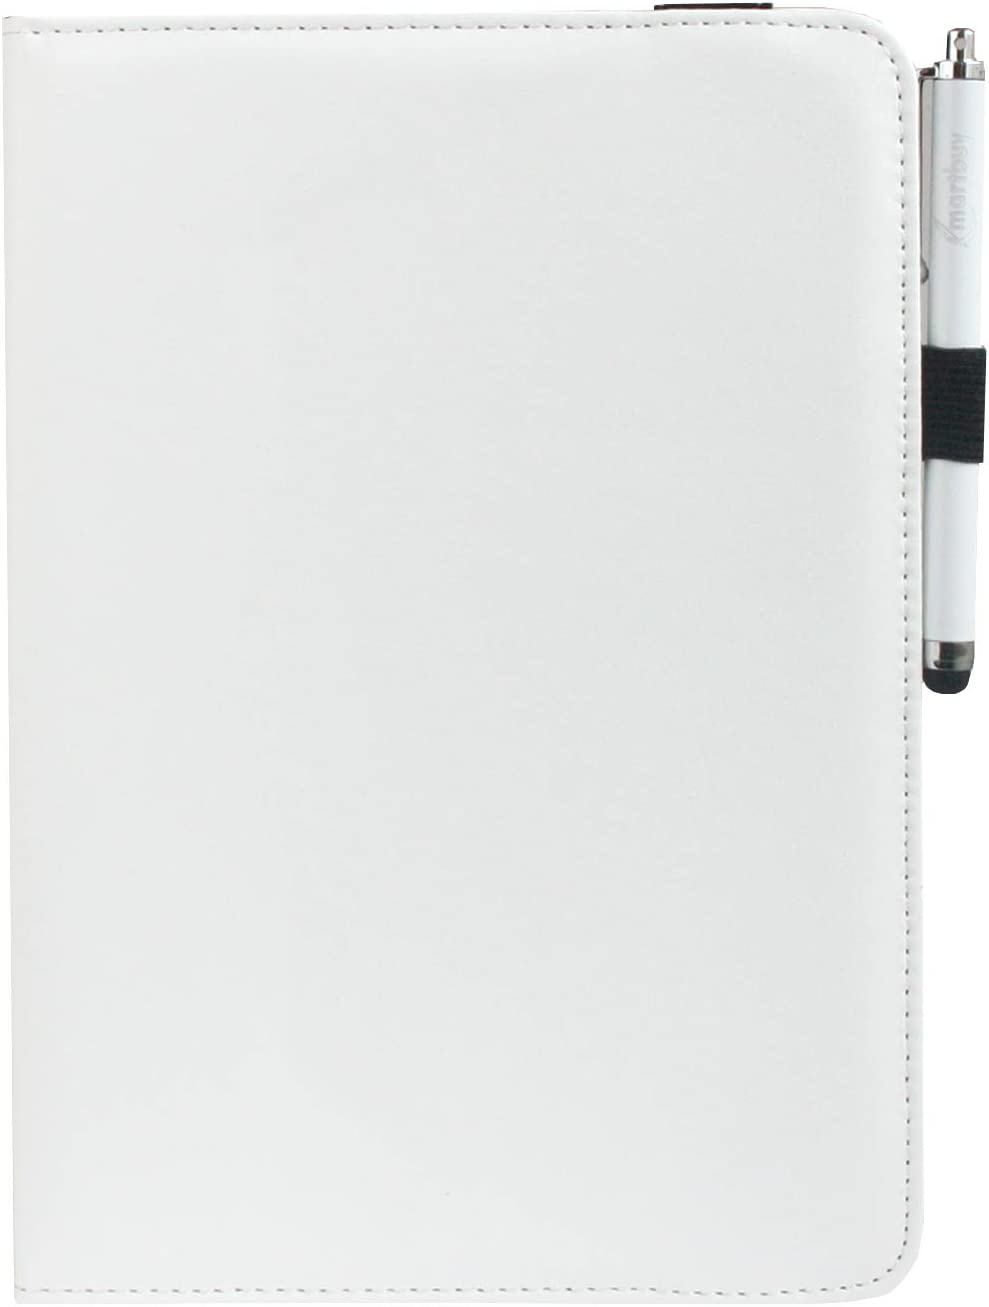 8,4 Zoll Gelb Gepolstert 360 Grad Drehen Stand Folio Brieftasche Fall Abdeckung und Stylus Pen Kompatibel mit Ausgew/ählten Unten Aufgef/ührten Ger/äten emartbuy Universal 7 Zoll